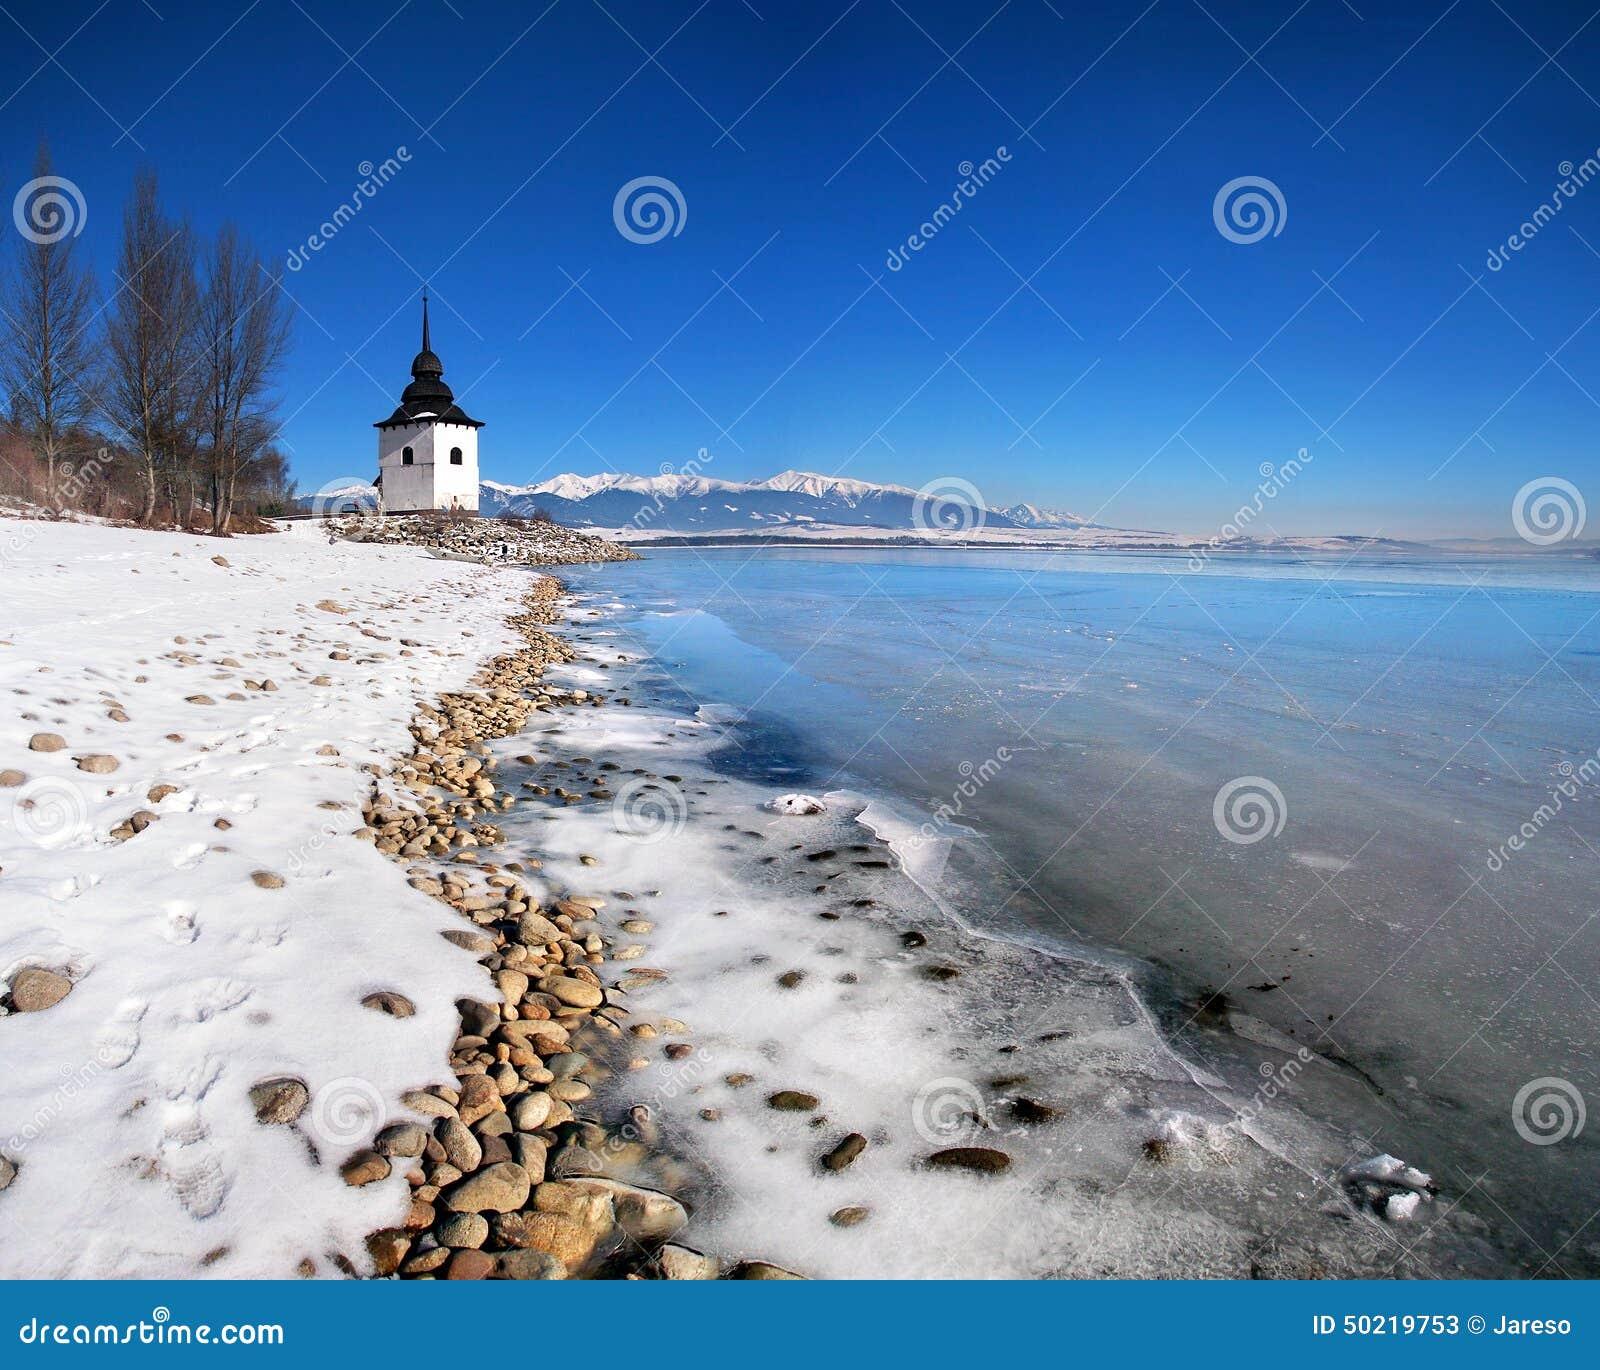 The Liptovska Mara lake frozen with ice